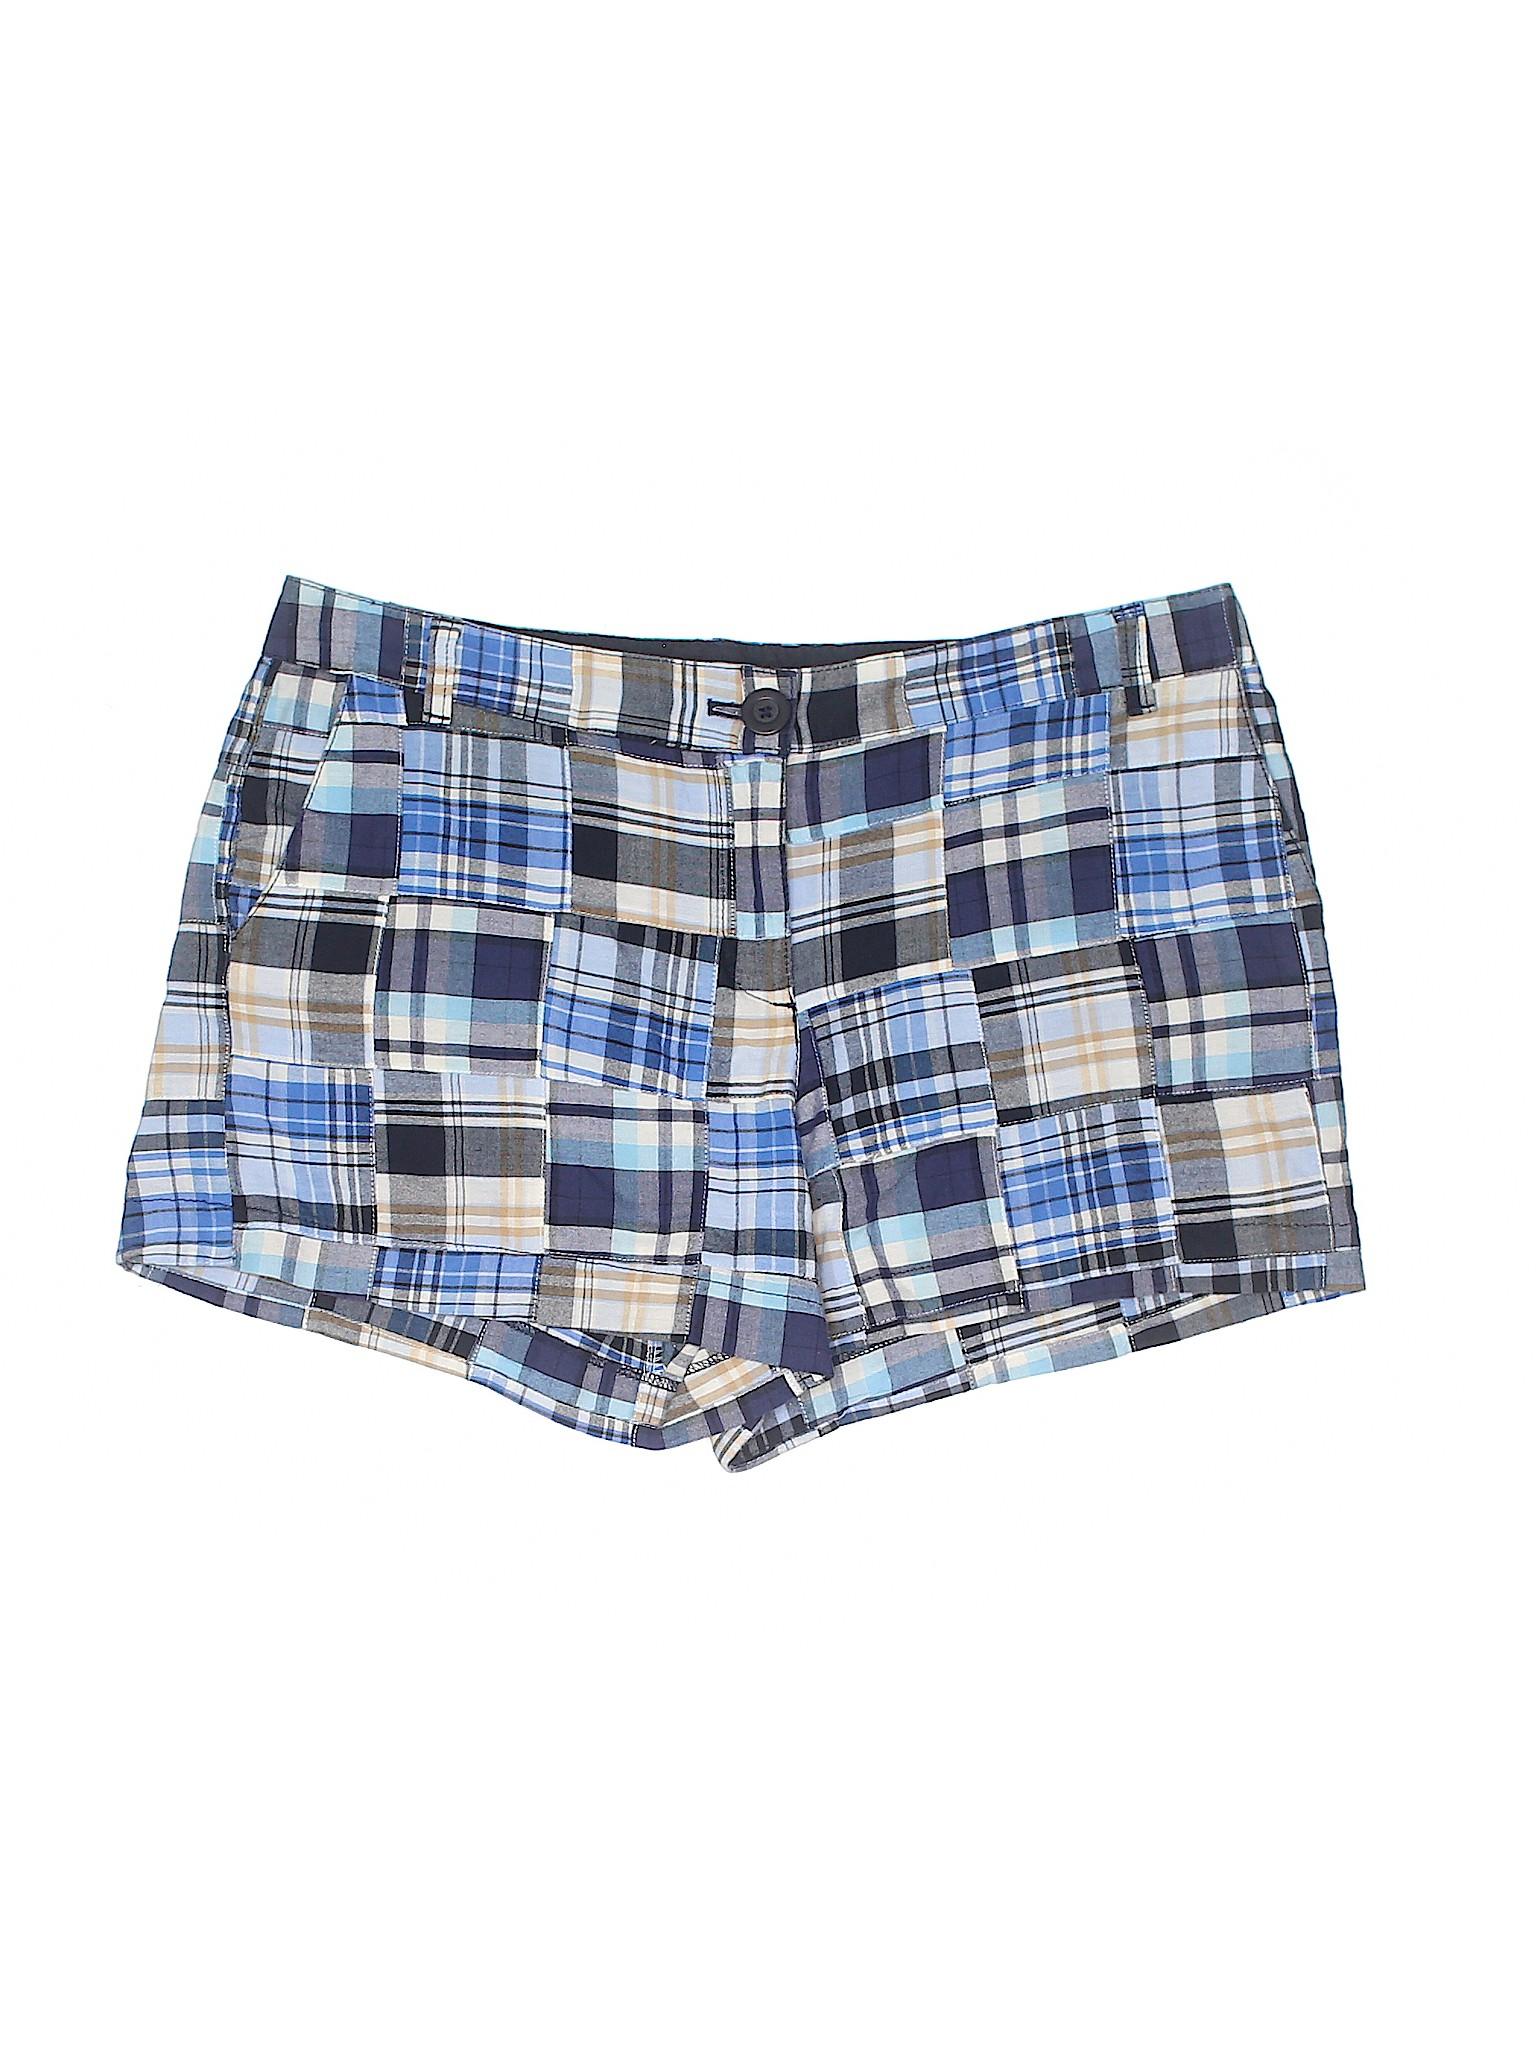 Shorts LOFT winter Leisure Khaki Taylor Ann qxS0XOwO74